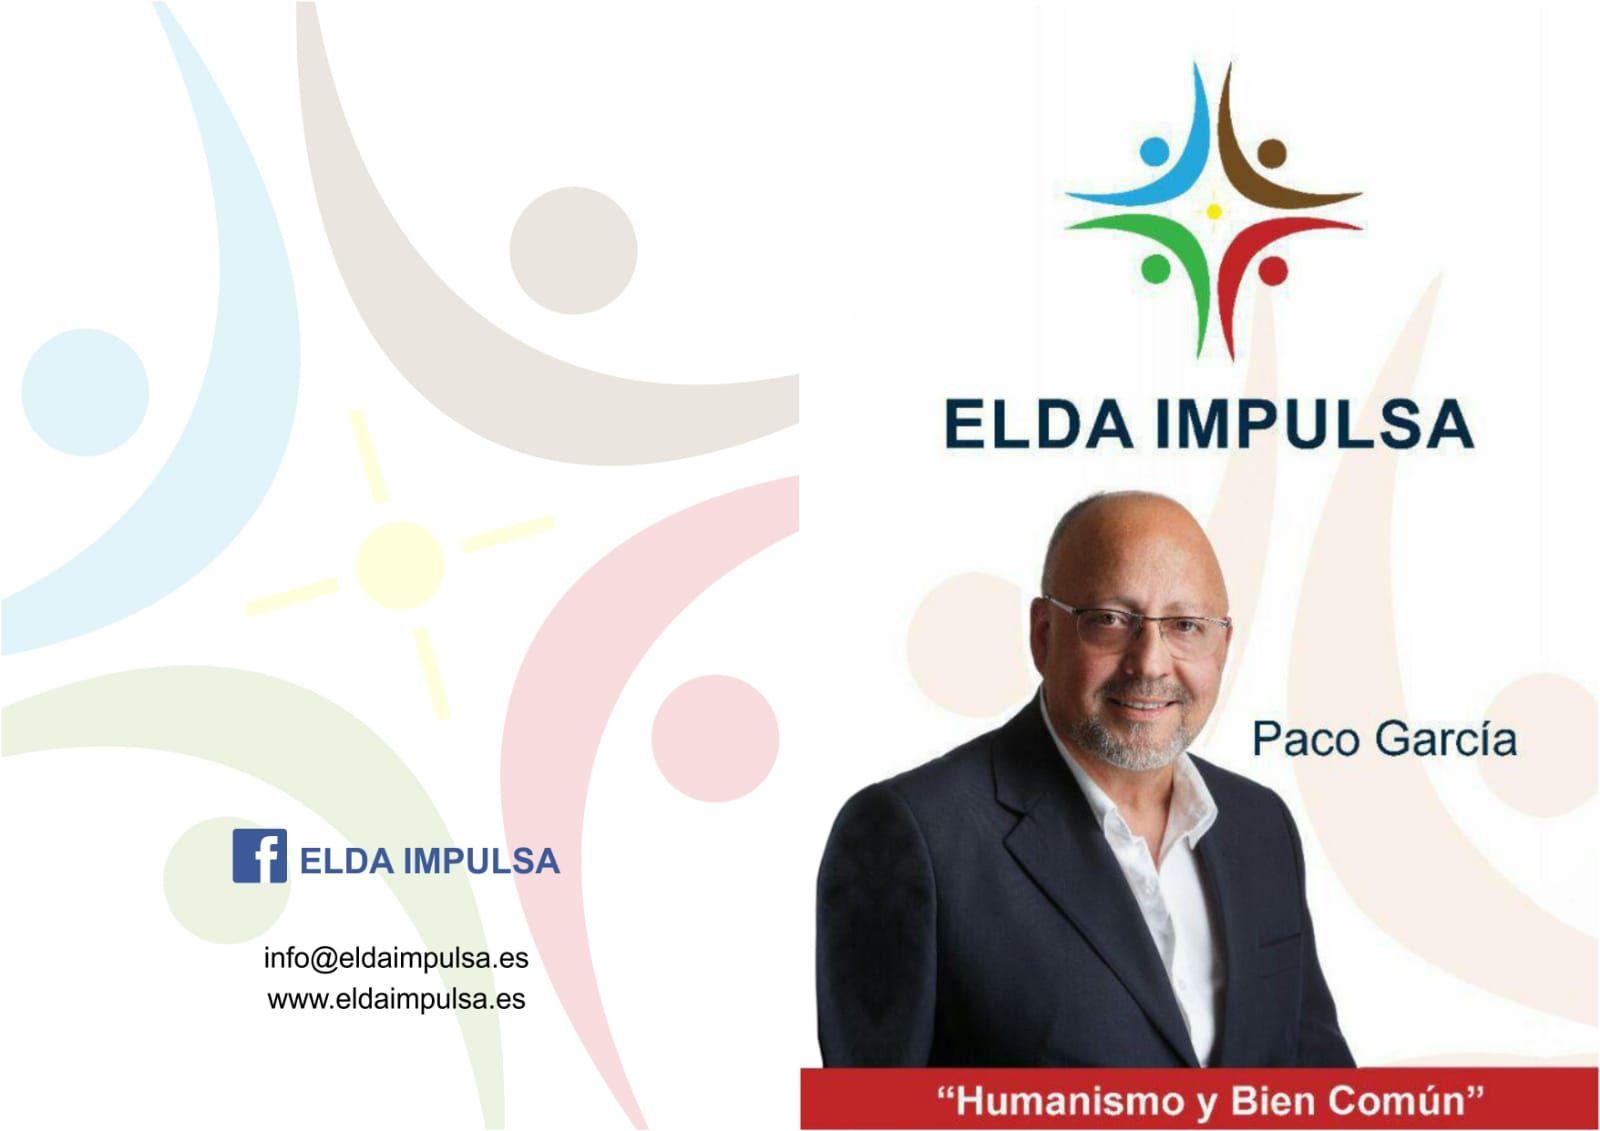 Paco García - Elda Impulsa